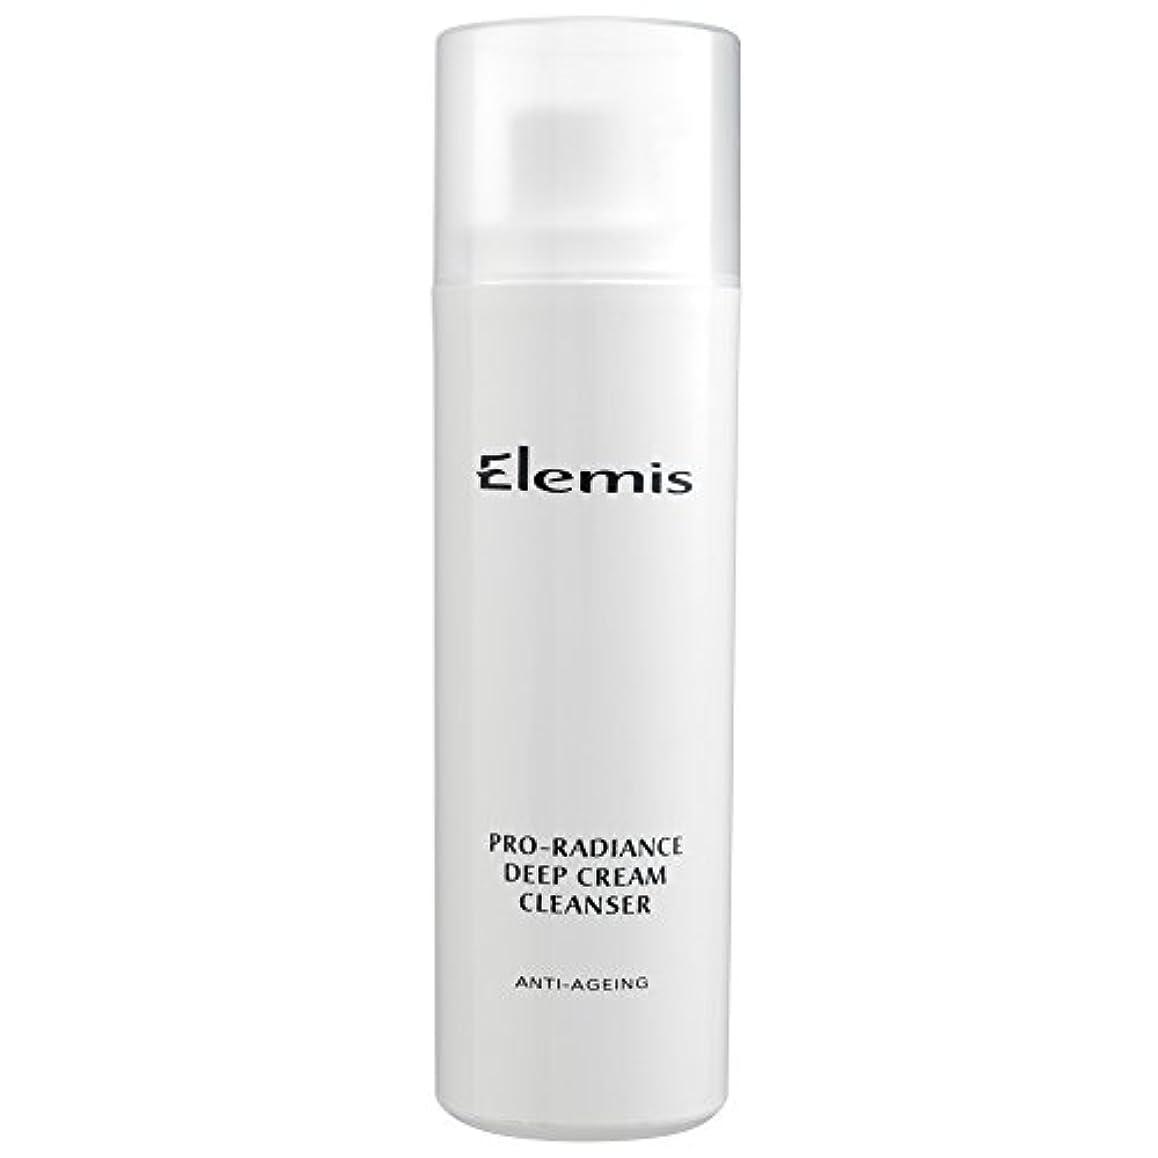 劇作家氏発見するエレミスプロ輝きクリームクレンザー、150ミリリットル (Elemis) - Elemis Pro-Radiance Cream Cleanser, 150ml [並行輸入品]